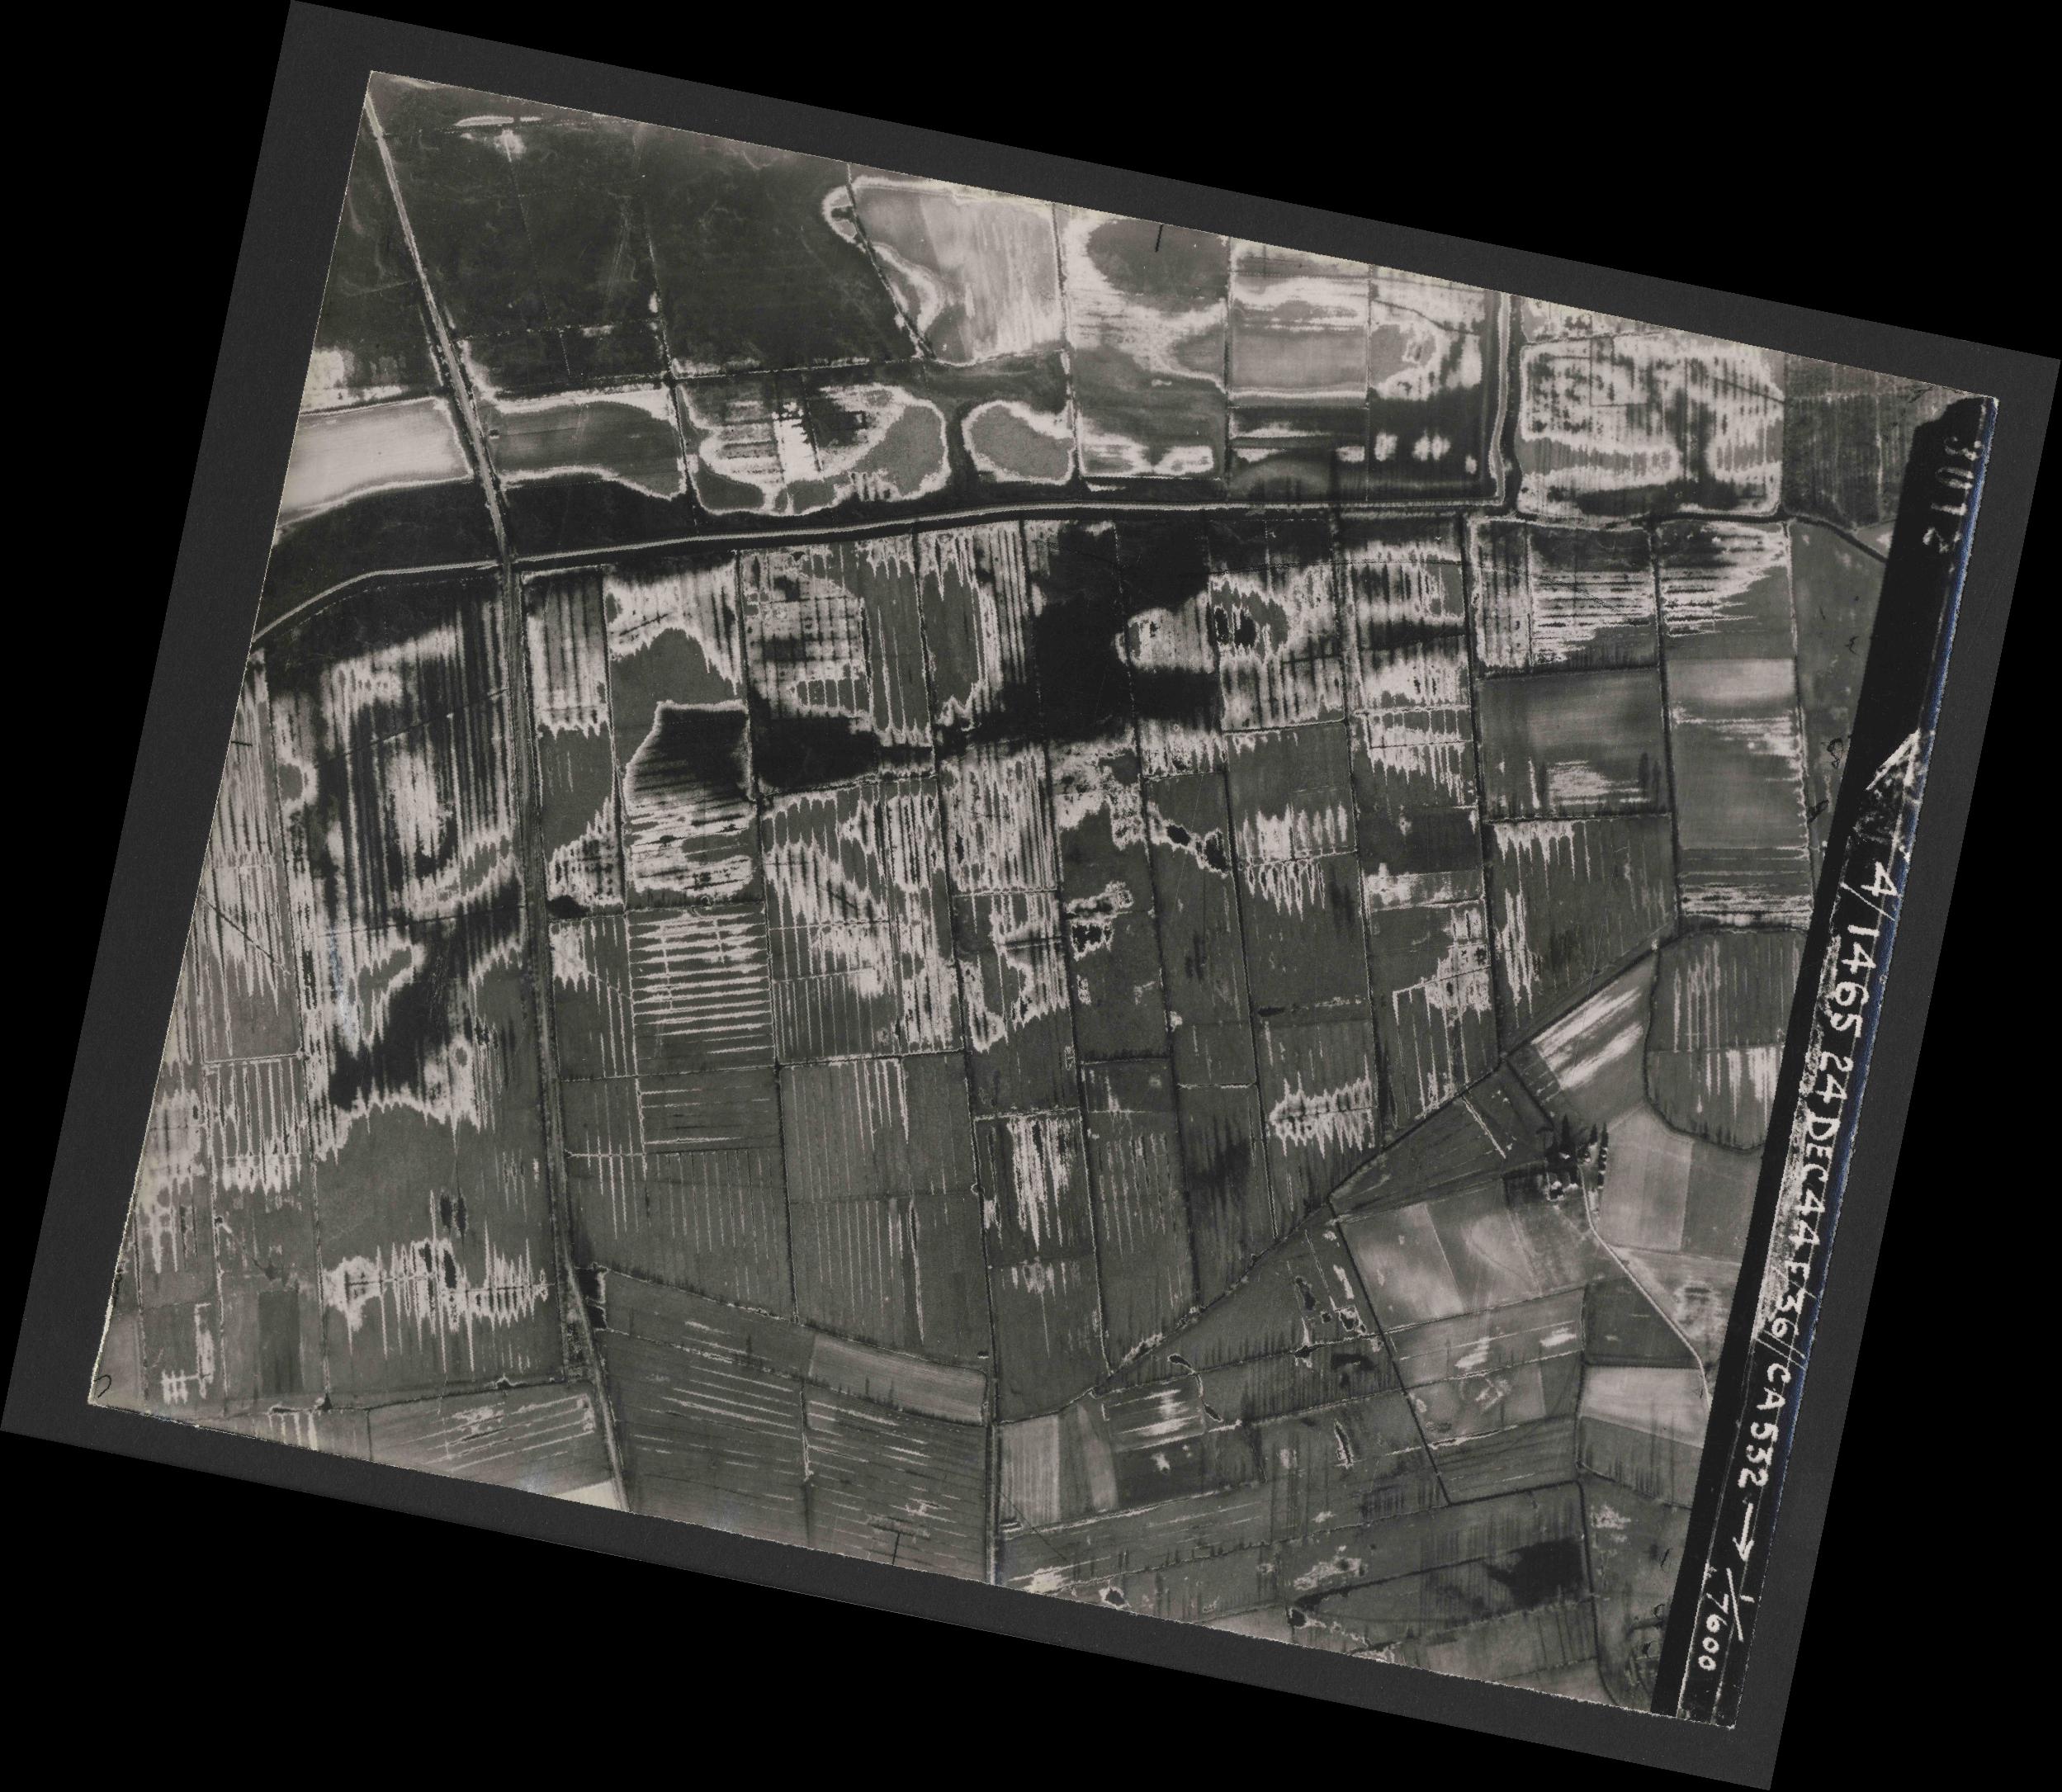 Collection RAF aerial photos 1940-1945 - flight 304, run 04, photo 3012